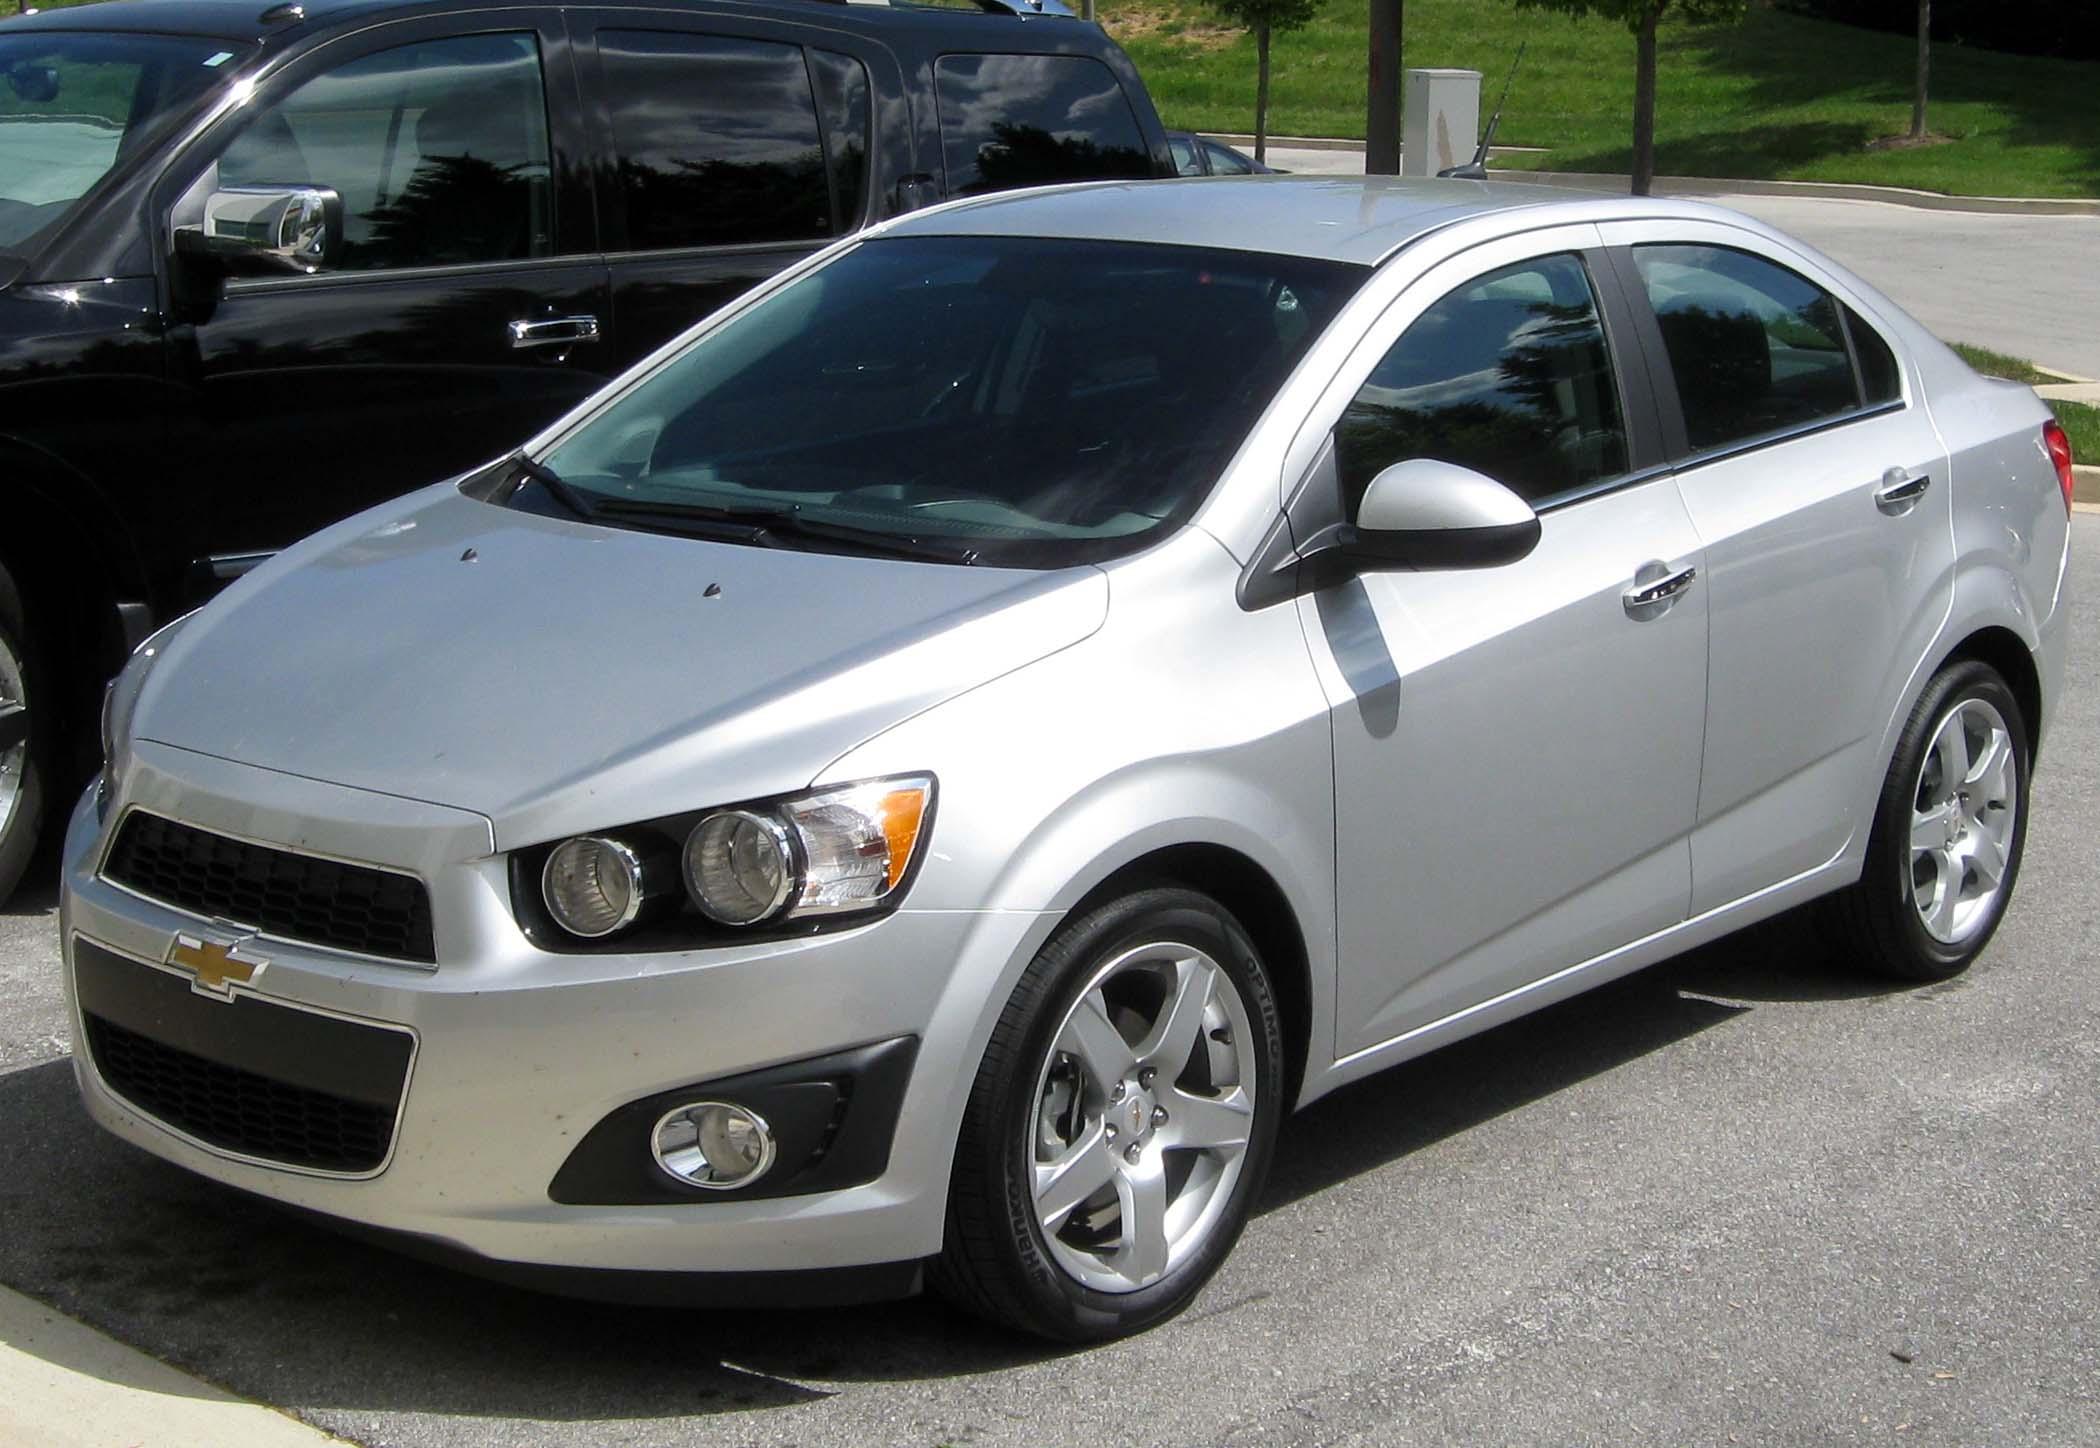 File:2012 Chevrolet Sonic LTZ sedan front -- 04-09-2012 ...